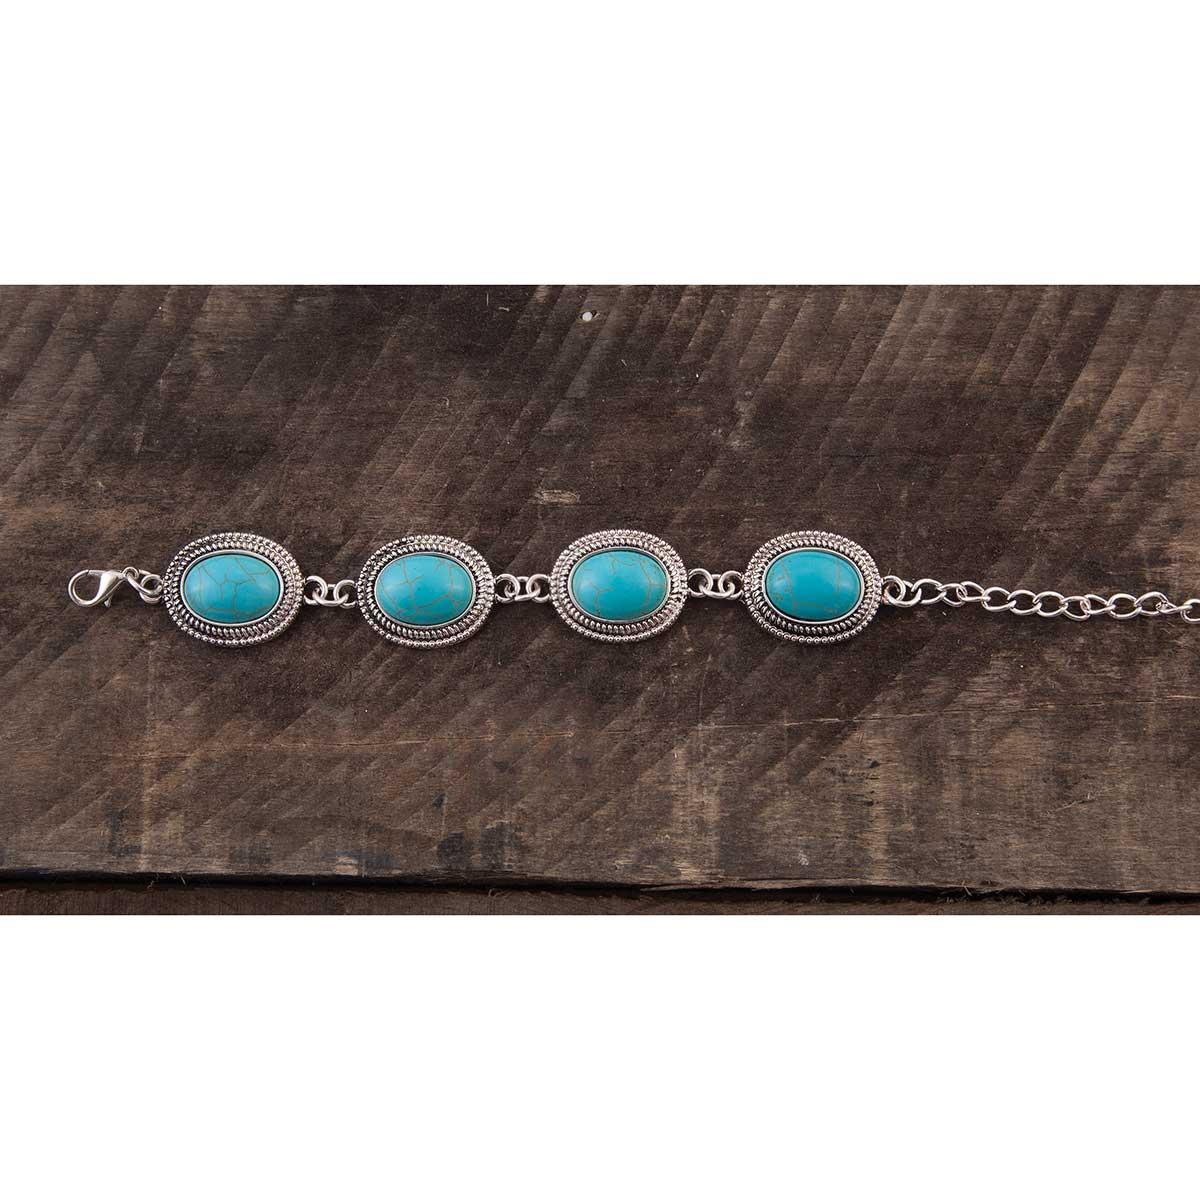 Turquoise Oval Stone Bracelet